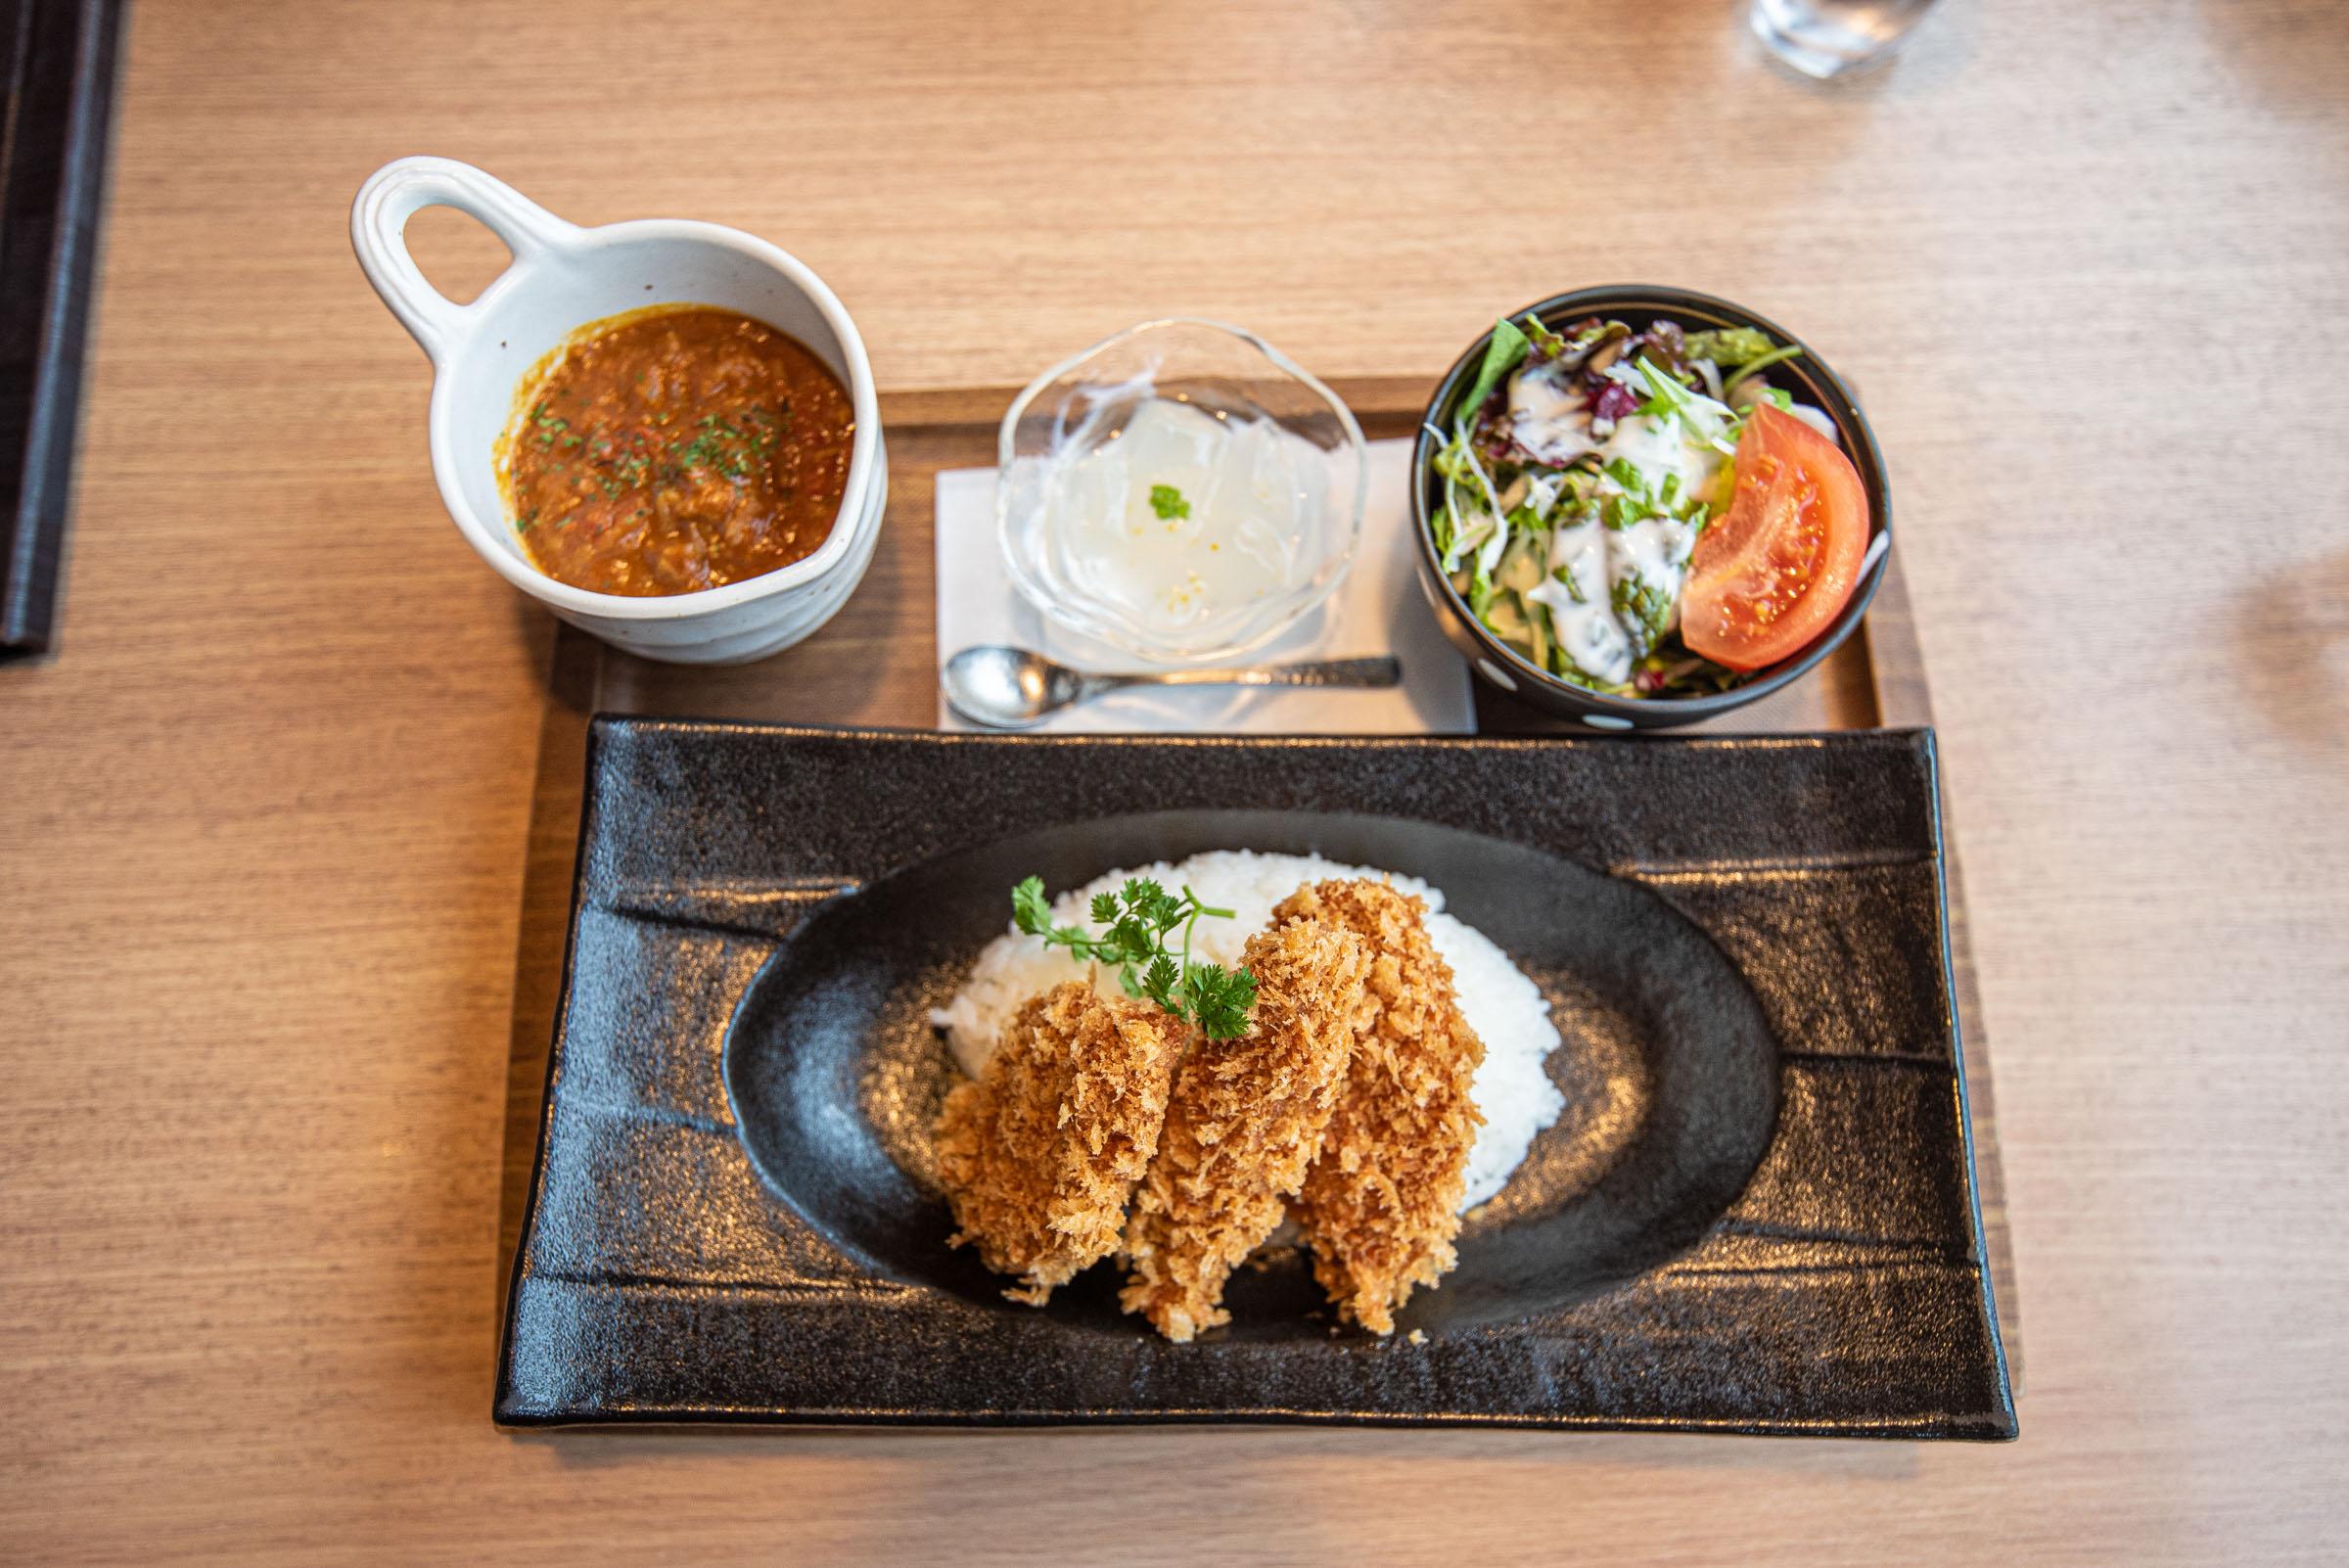 Hotoriya Restaurant Pork Cutlet, Hakone, Japan